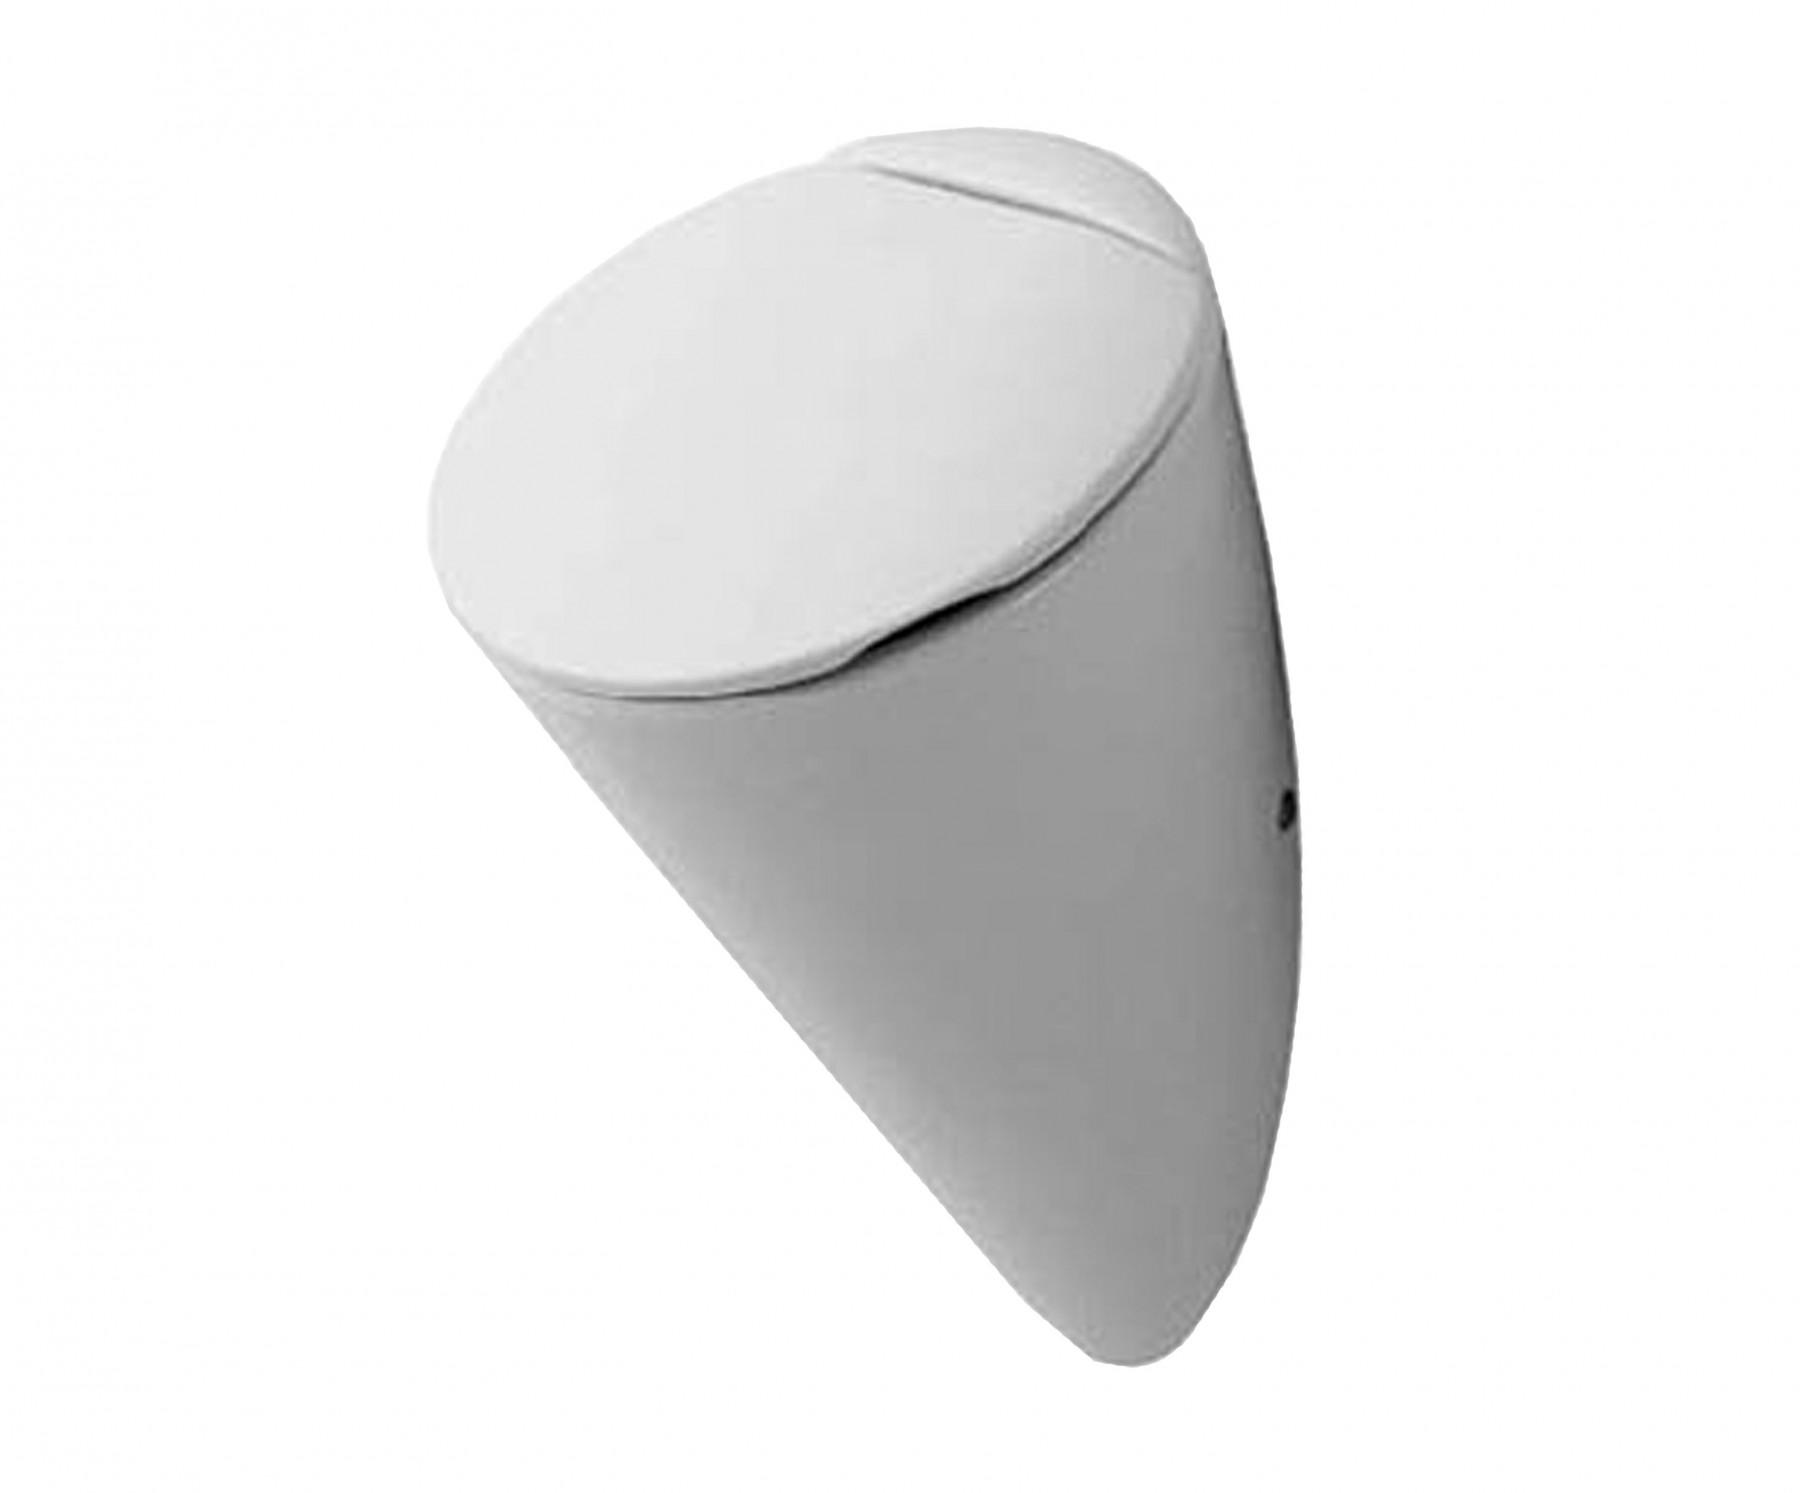 du urinal starck 1 zu und ablauf verd absaugend f deckel o fliege wei. Black Bedroom Furniture Sets. Home Design Ideas